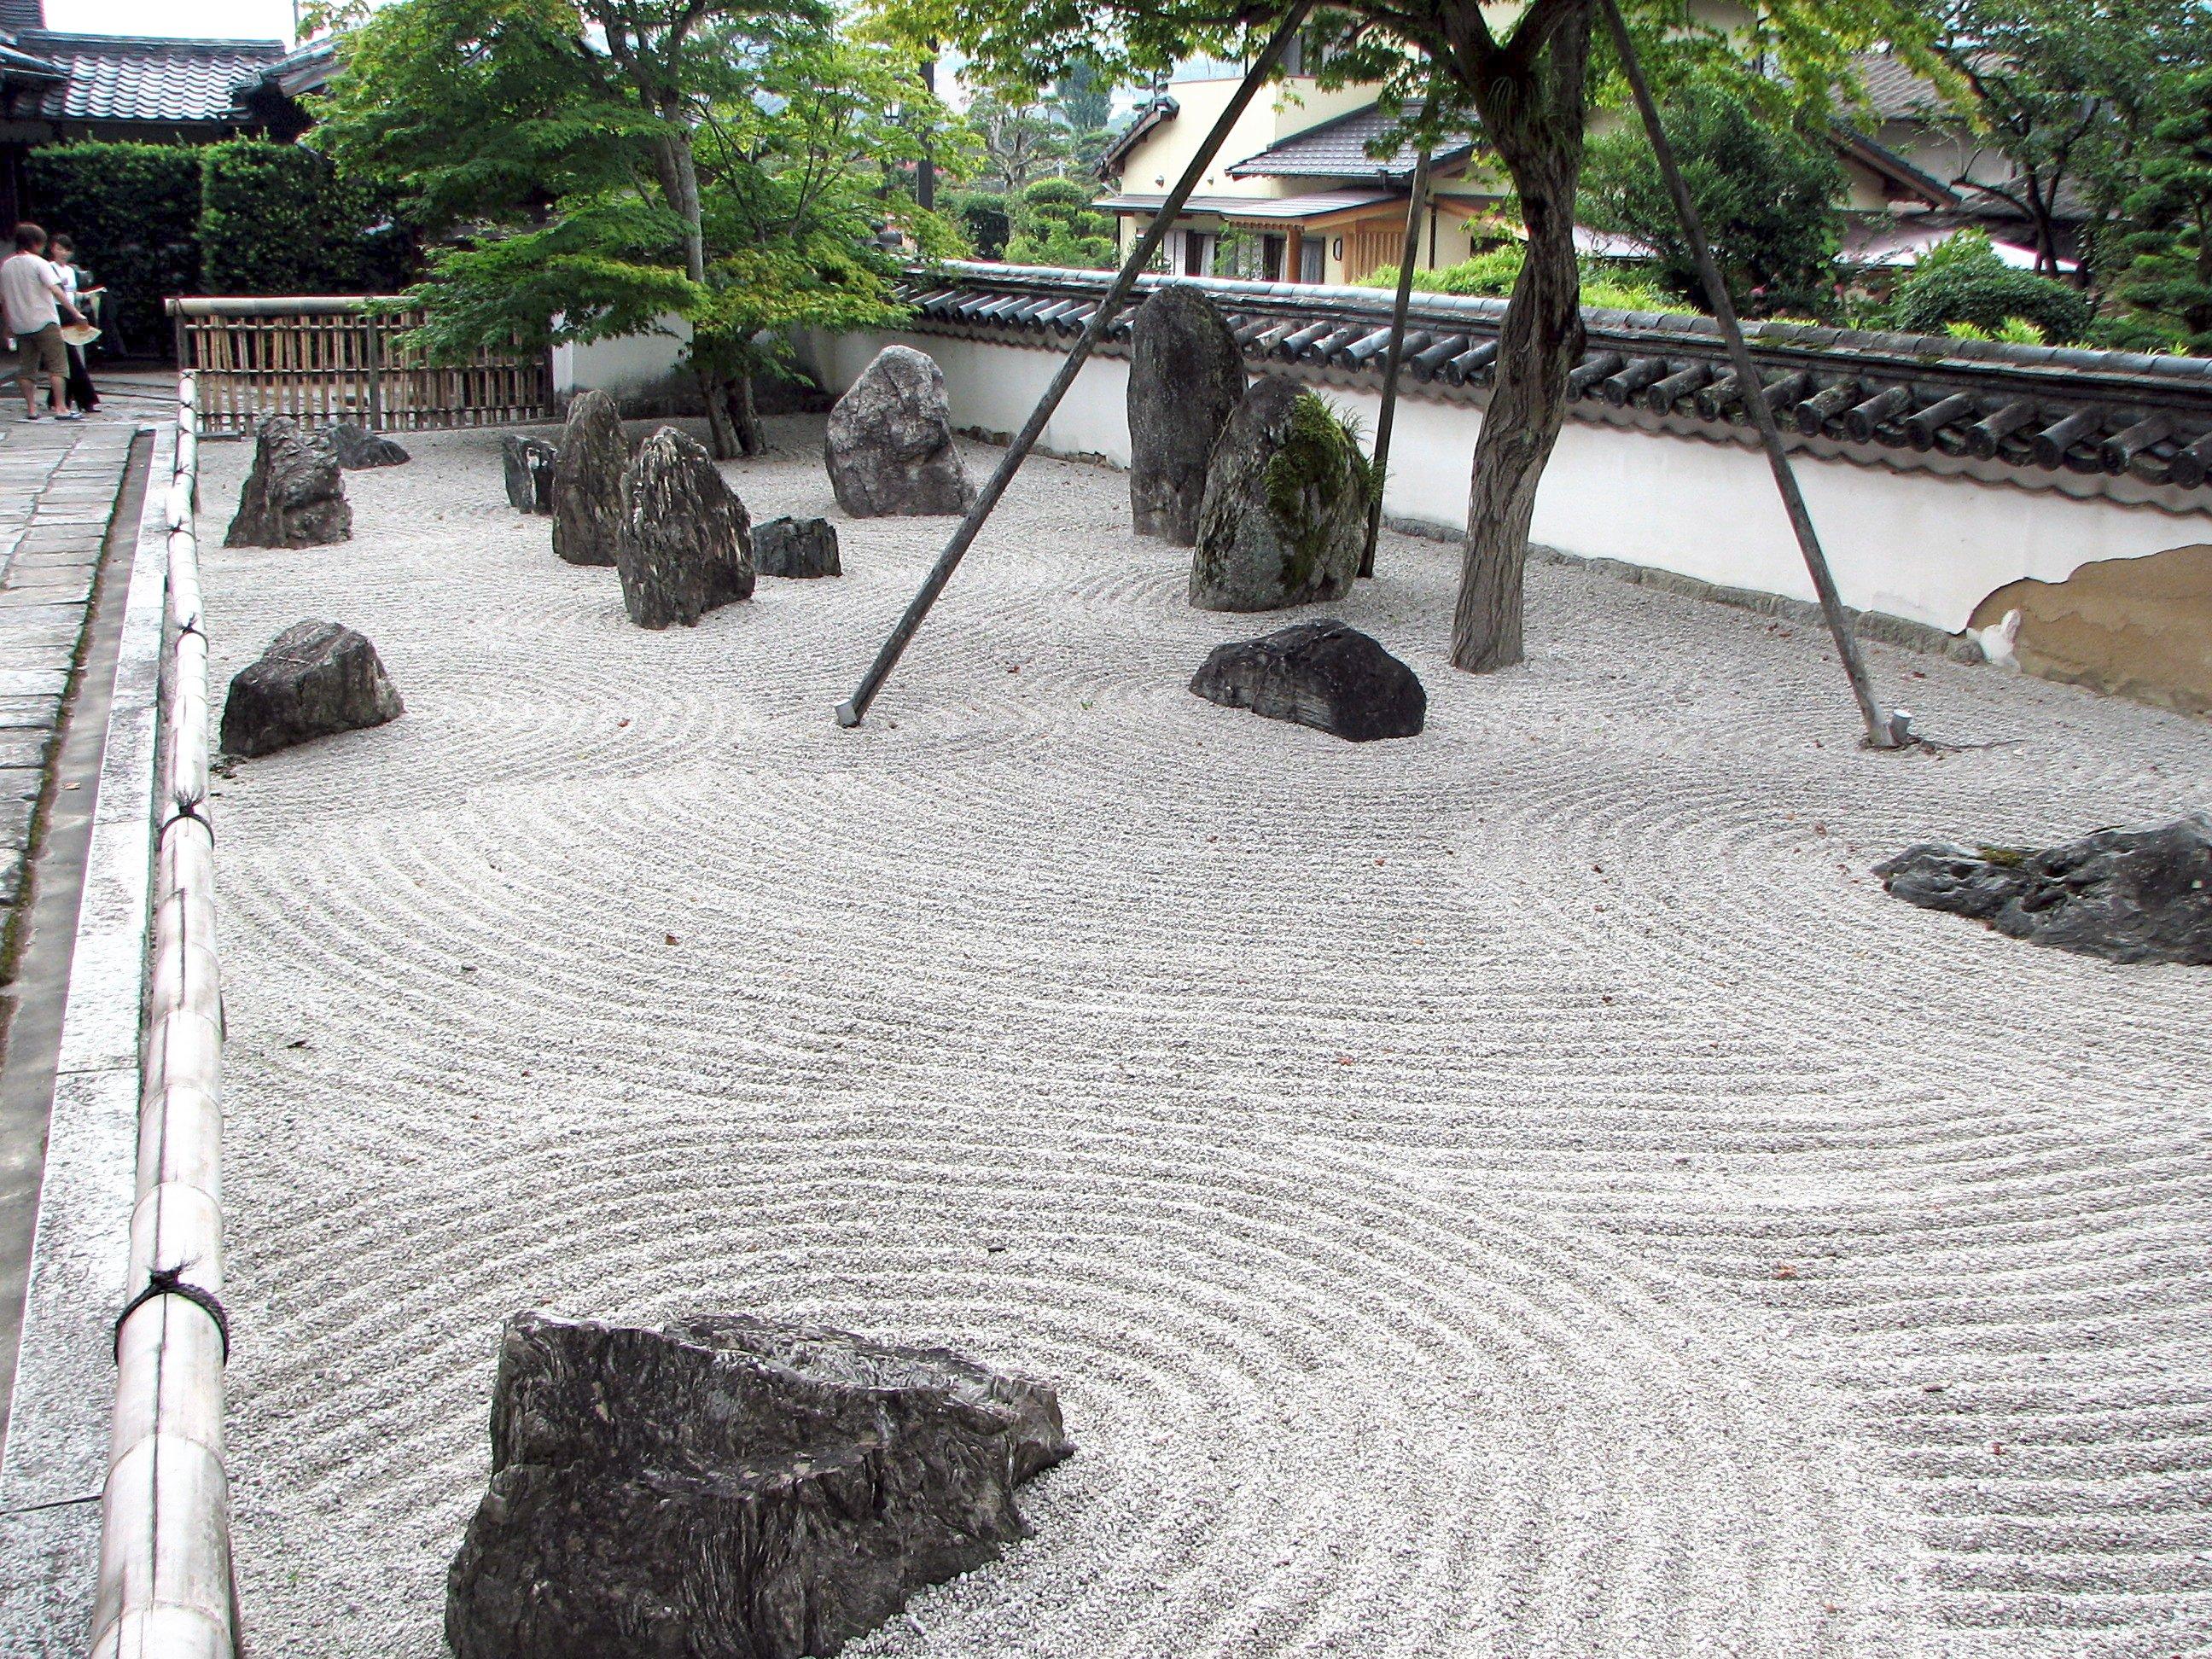 File:Komyozenji Stone garden 1.JPG - Wikipedia